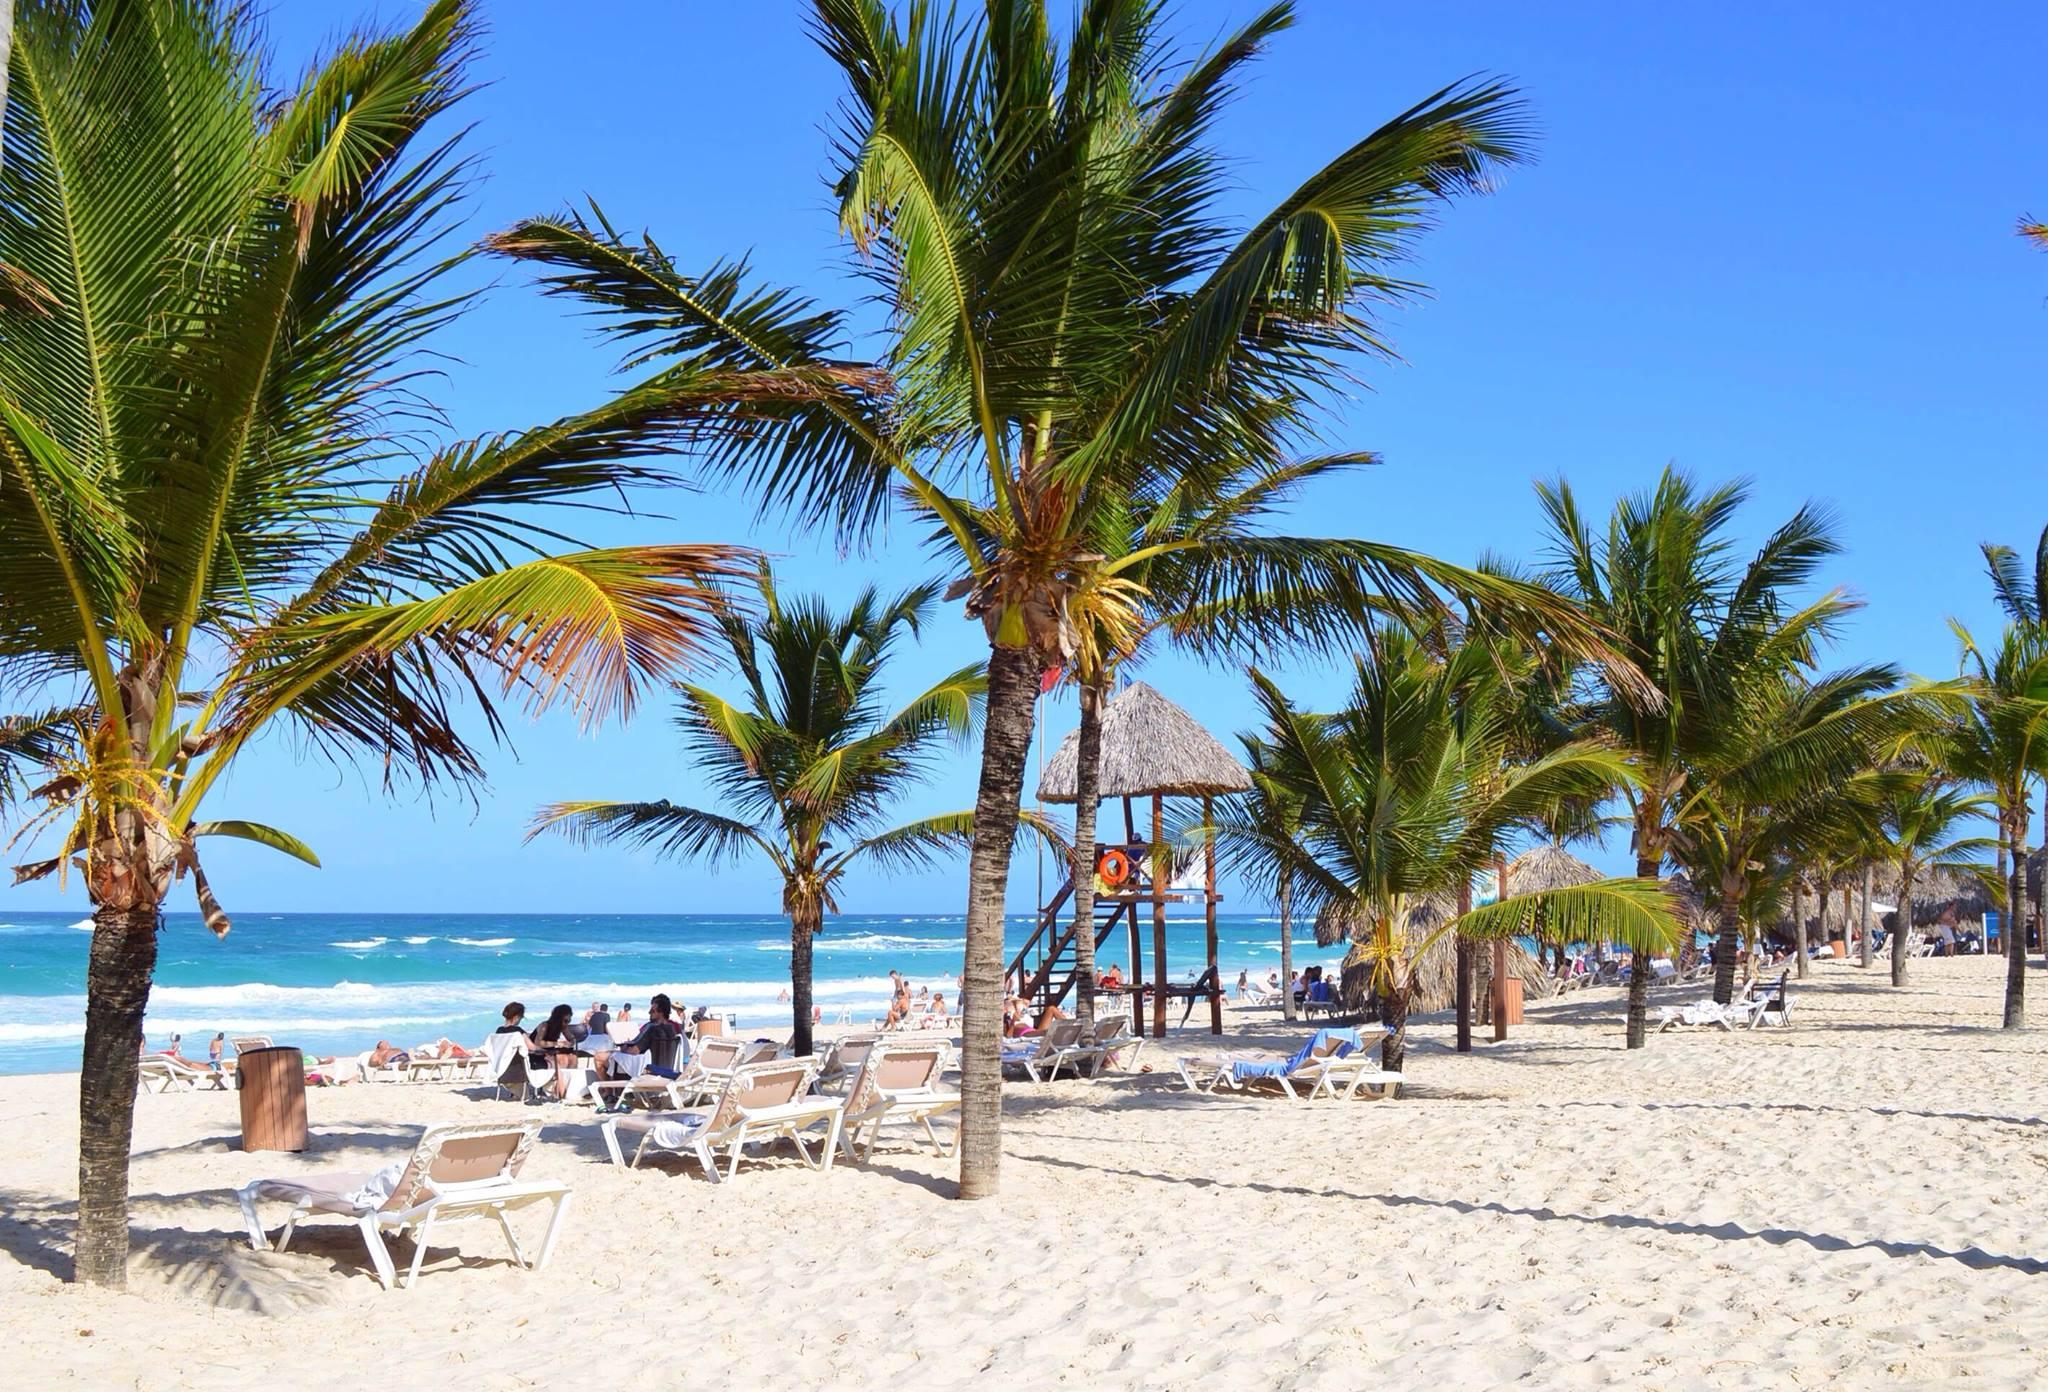 Отдых в Пунта-Кана – в месте встречи всех пальм.